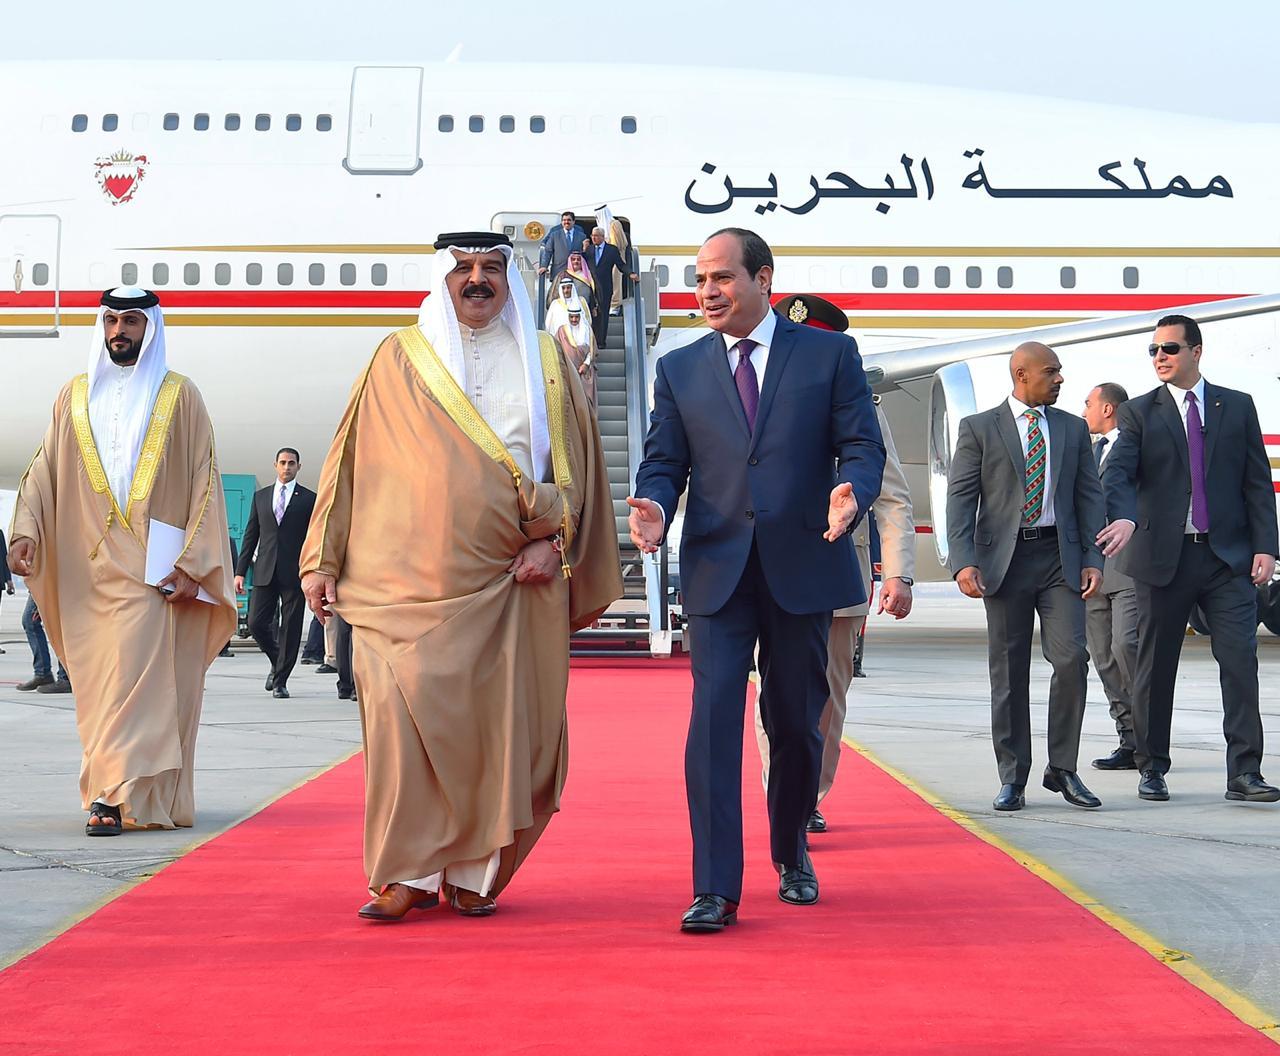 عبد الفتاح السيسي و الملك حمد بن عيسى آل خليفة ملك مملكة البحرين (4)